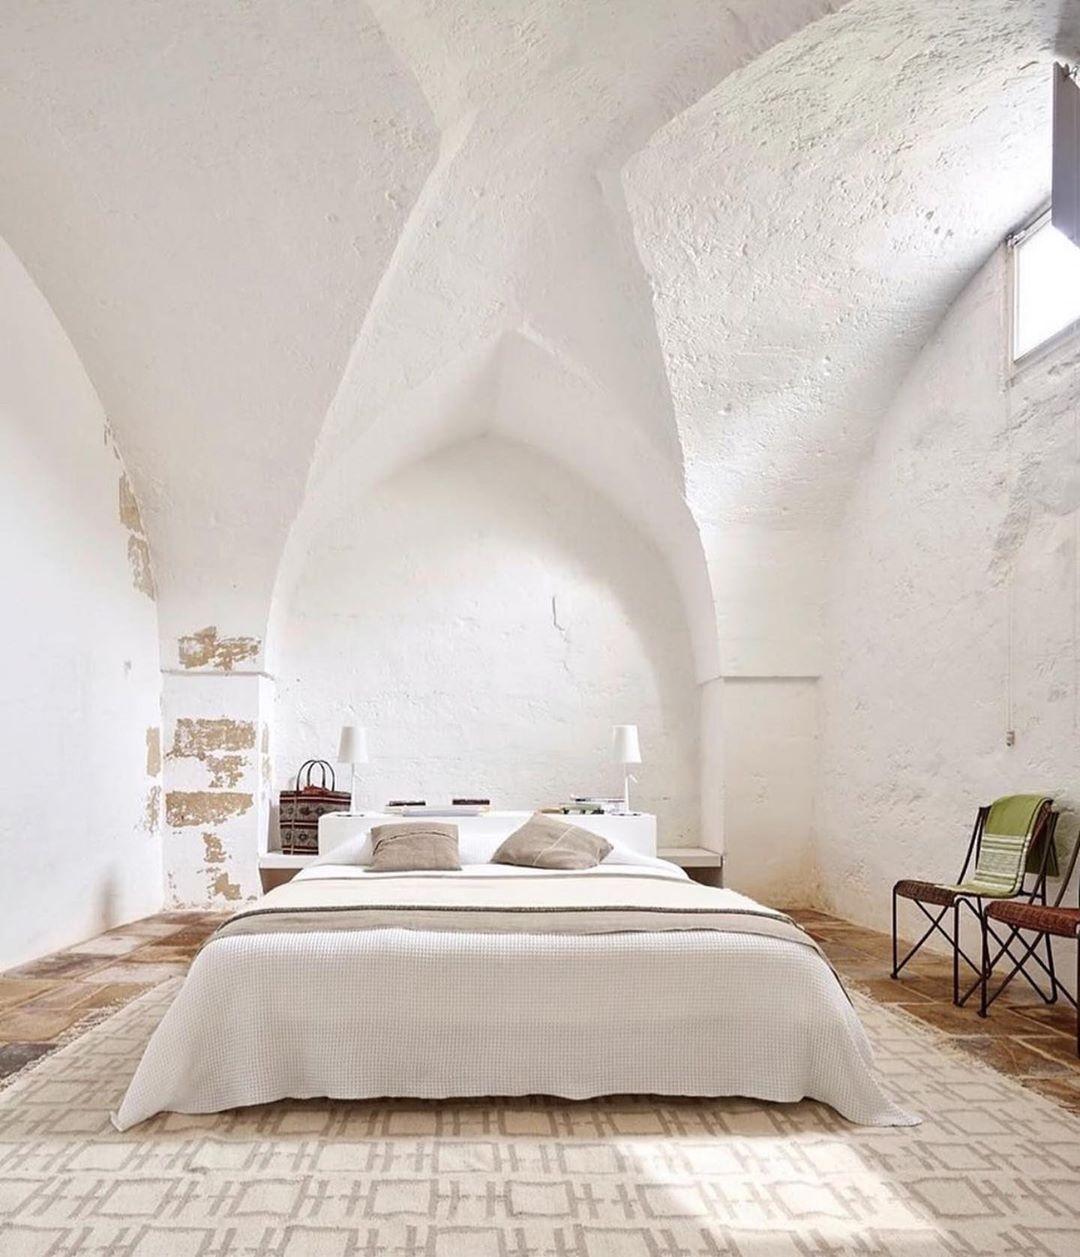 """60 Mediterranean Home Decor Ideas 2020: Interior & More On Instagram: """"Dreams Come True, Sogliano Cavour Mornings Are A Dr… In 2020"""